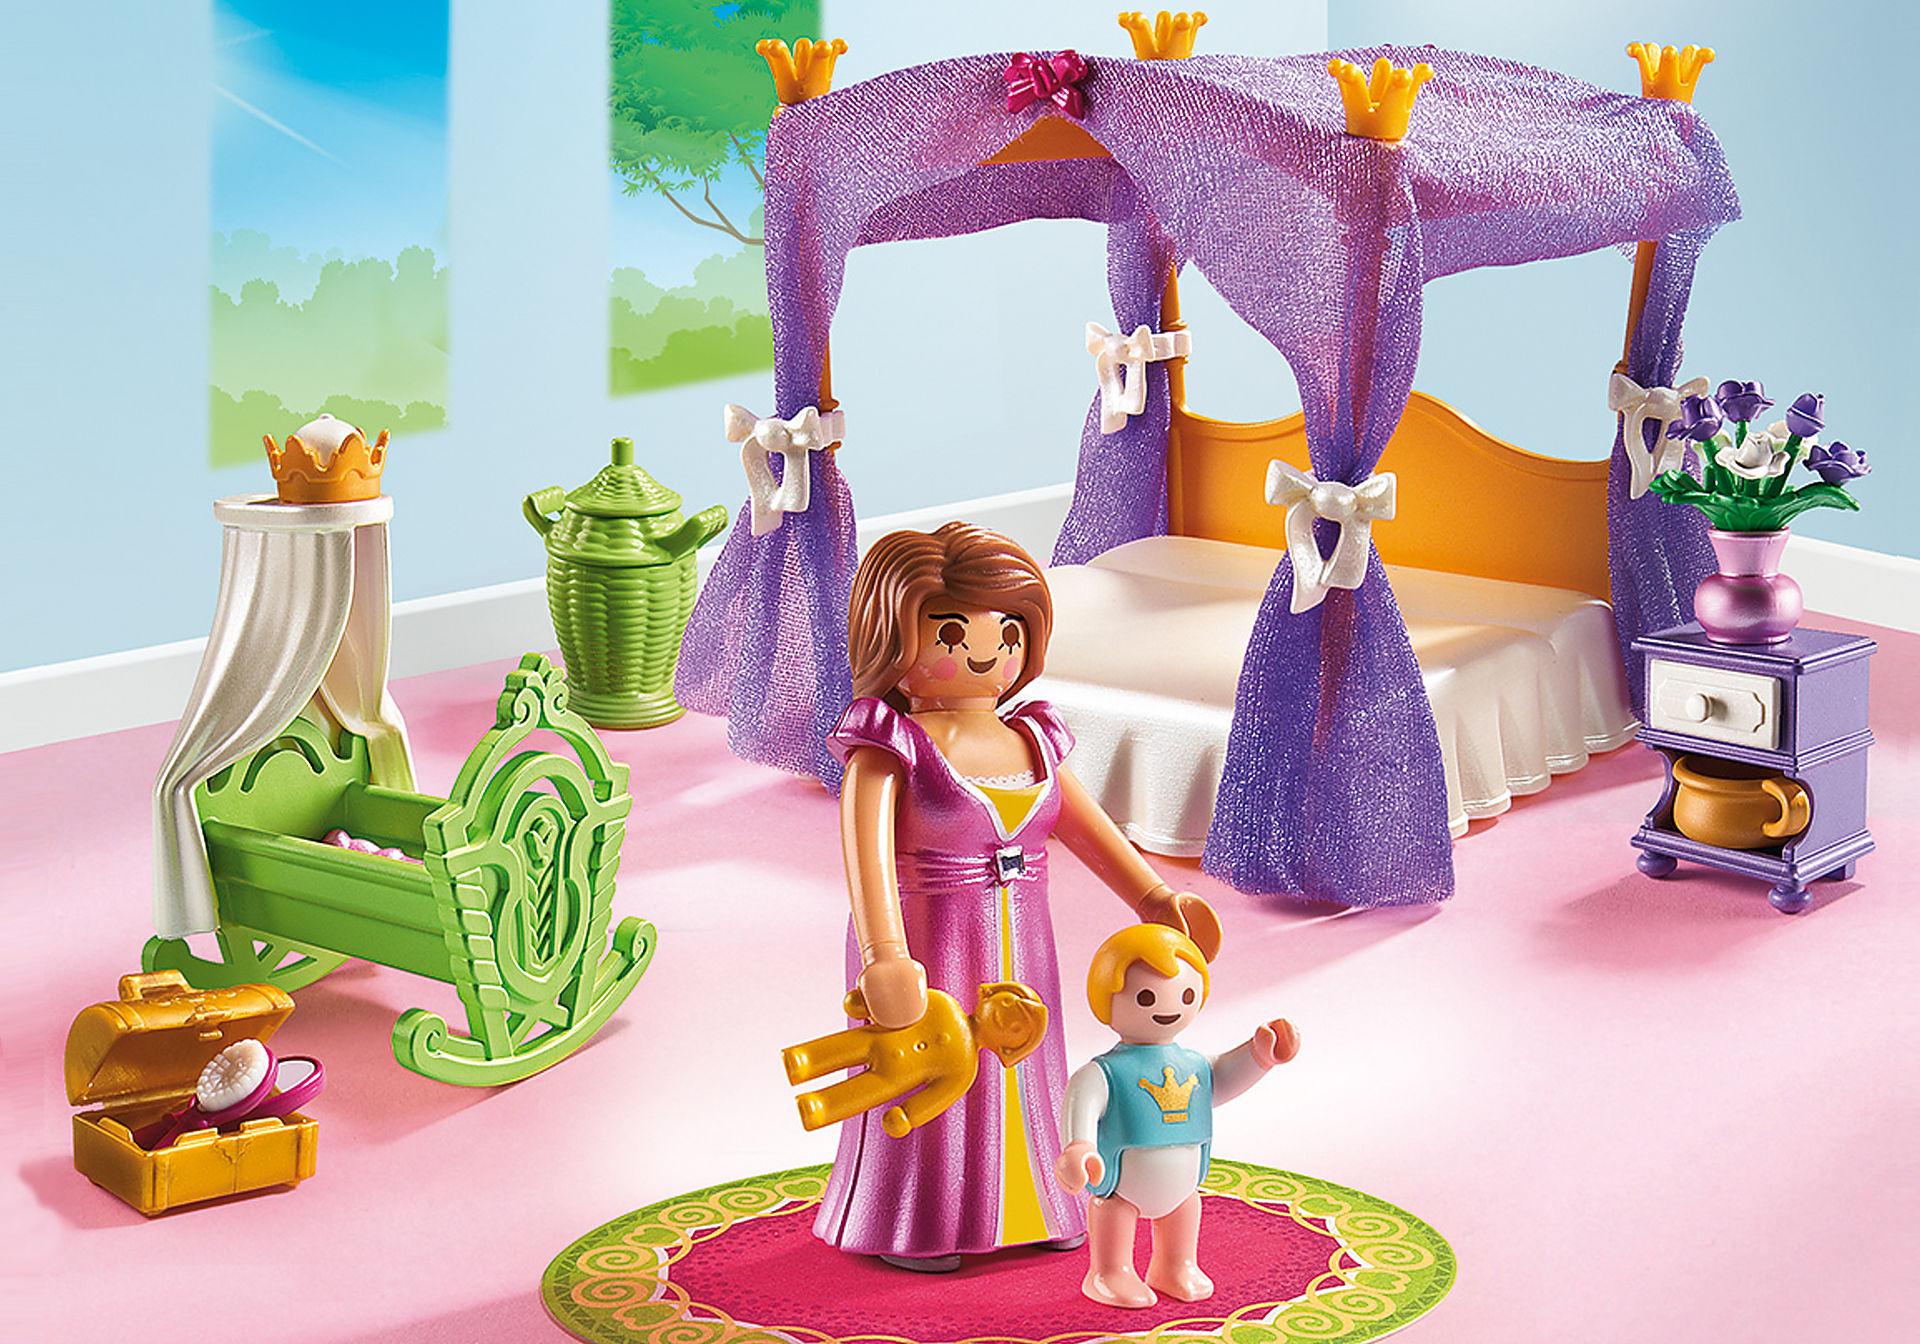 6851 Замок Принцессы: Покои Принцессы с колыбелью zoom image1